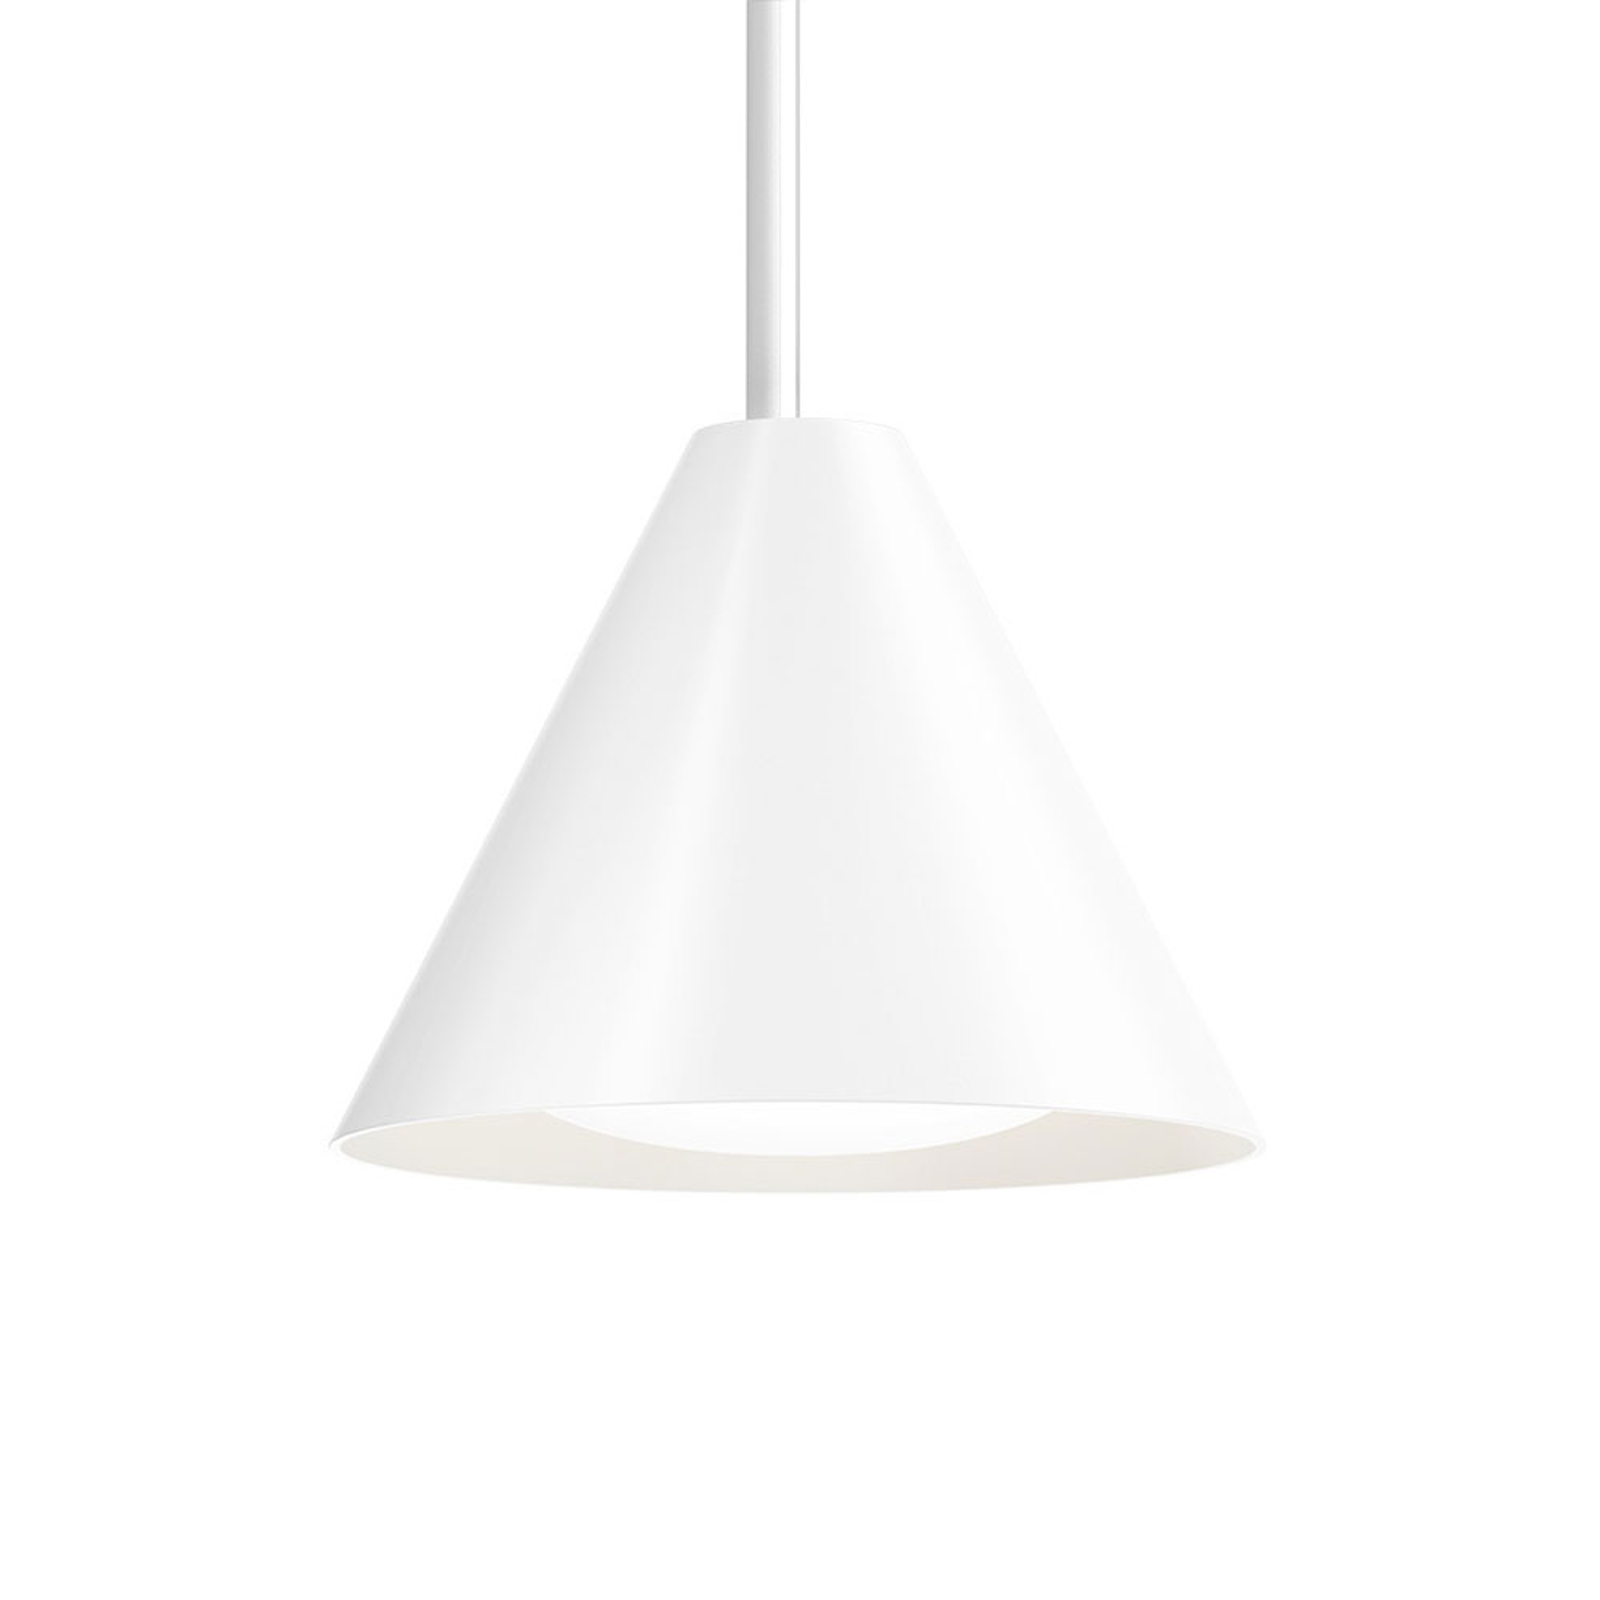 Louis Poulsen Keglen LED-hængelampe 17,5 cm, sort